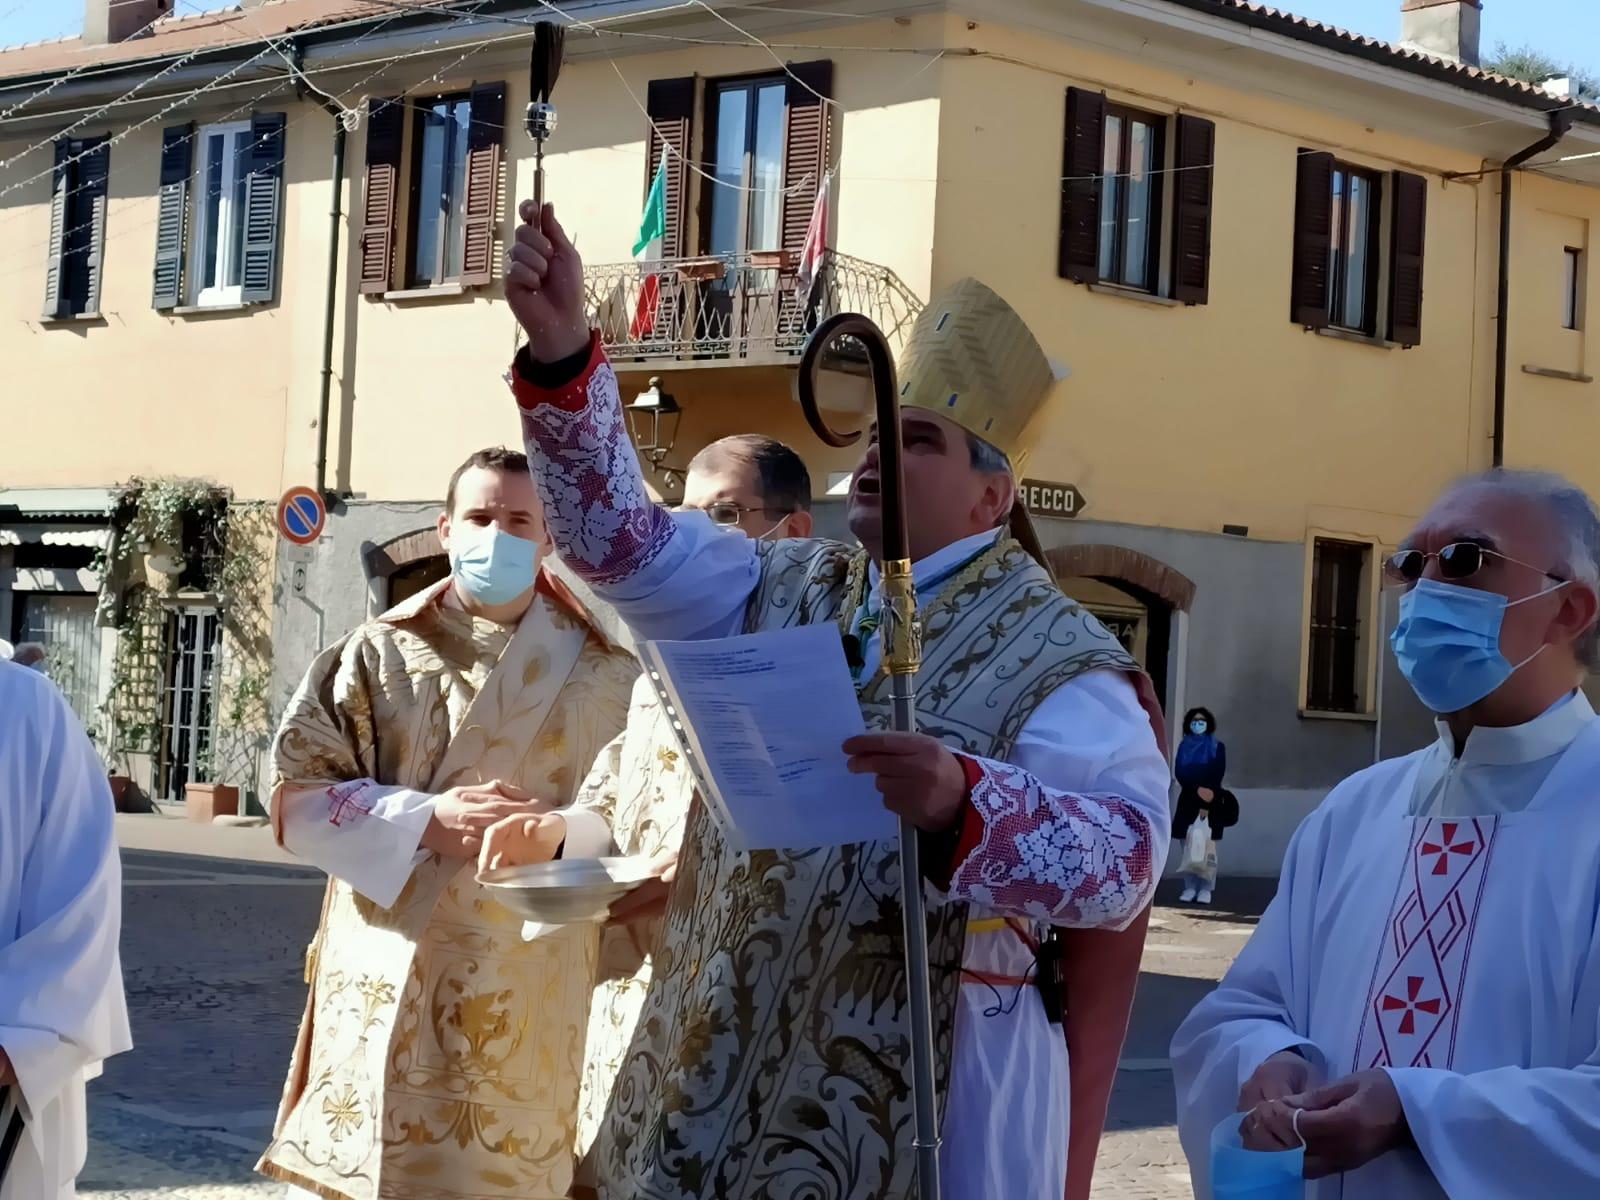 Corbetta - Festa del Perdono in sicurezza. Corbetta 09/04/2021